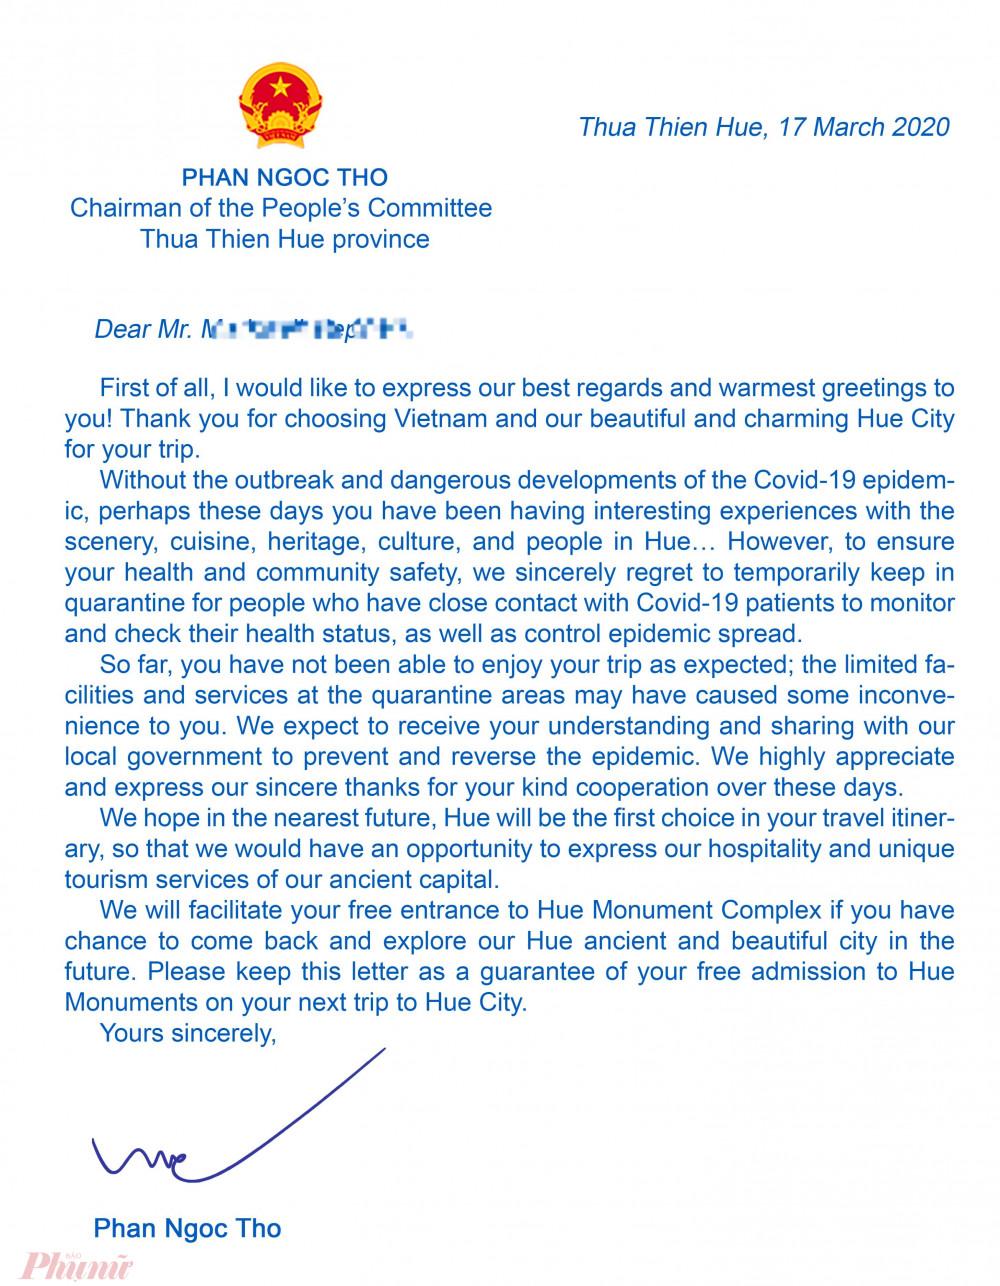 Bức thư tỉnh Thừa Thiên - Huế gửi du khách đang cách ly tại Huế